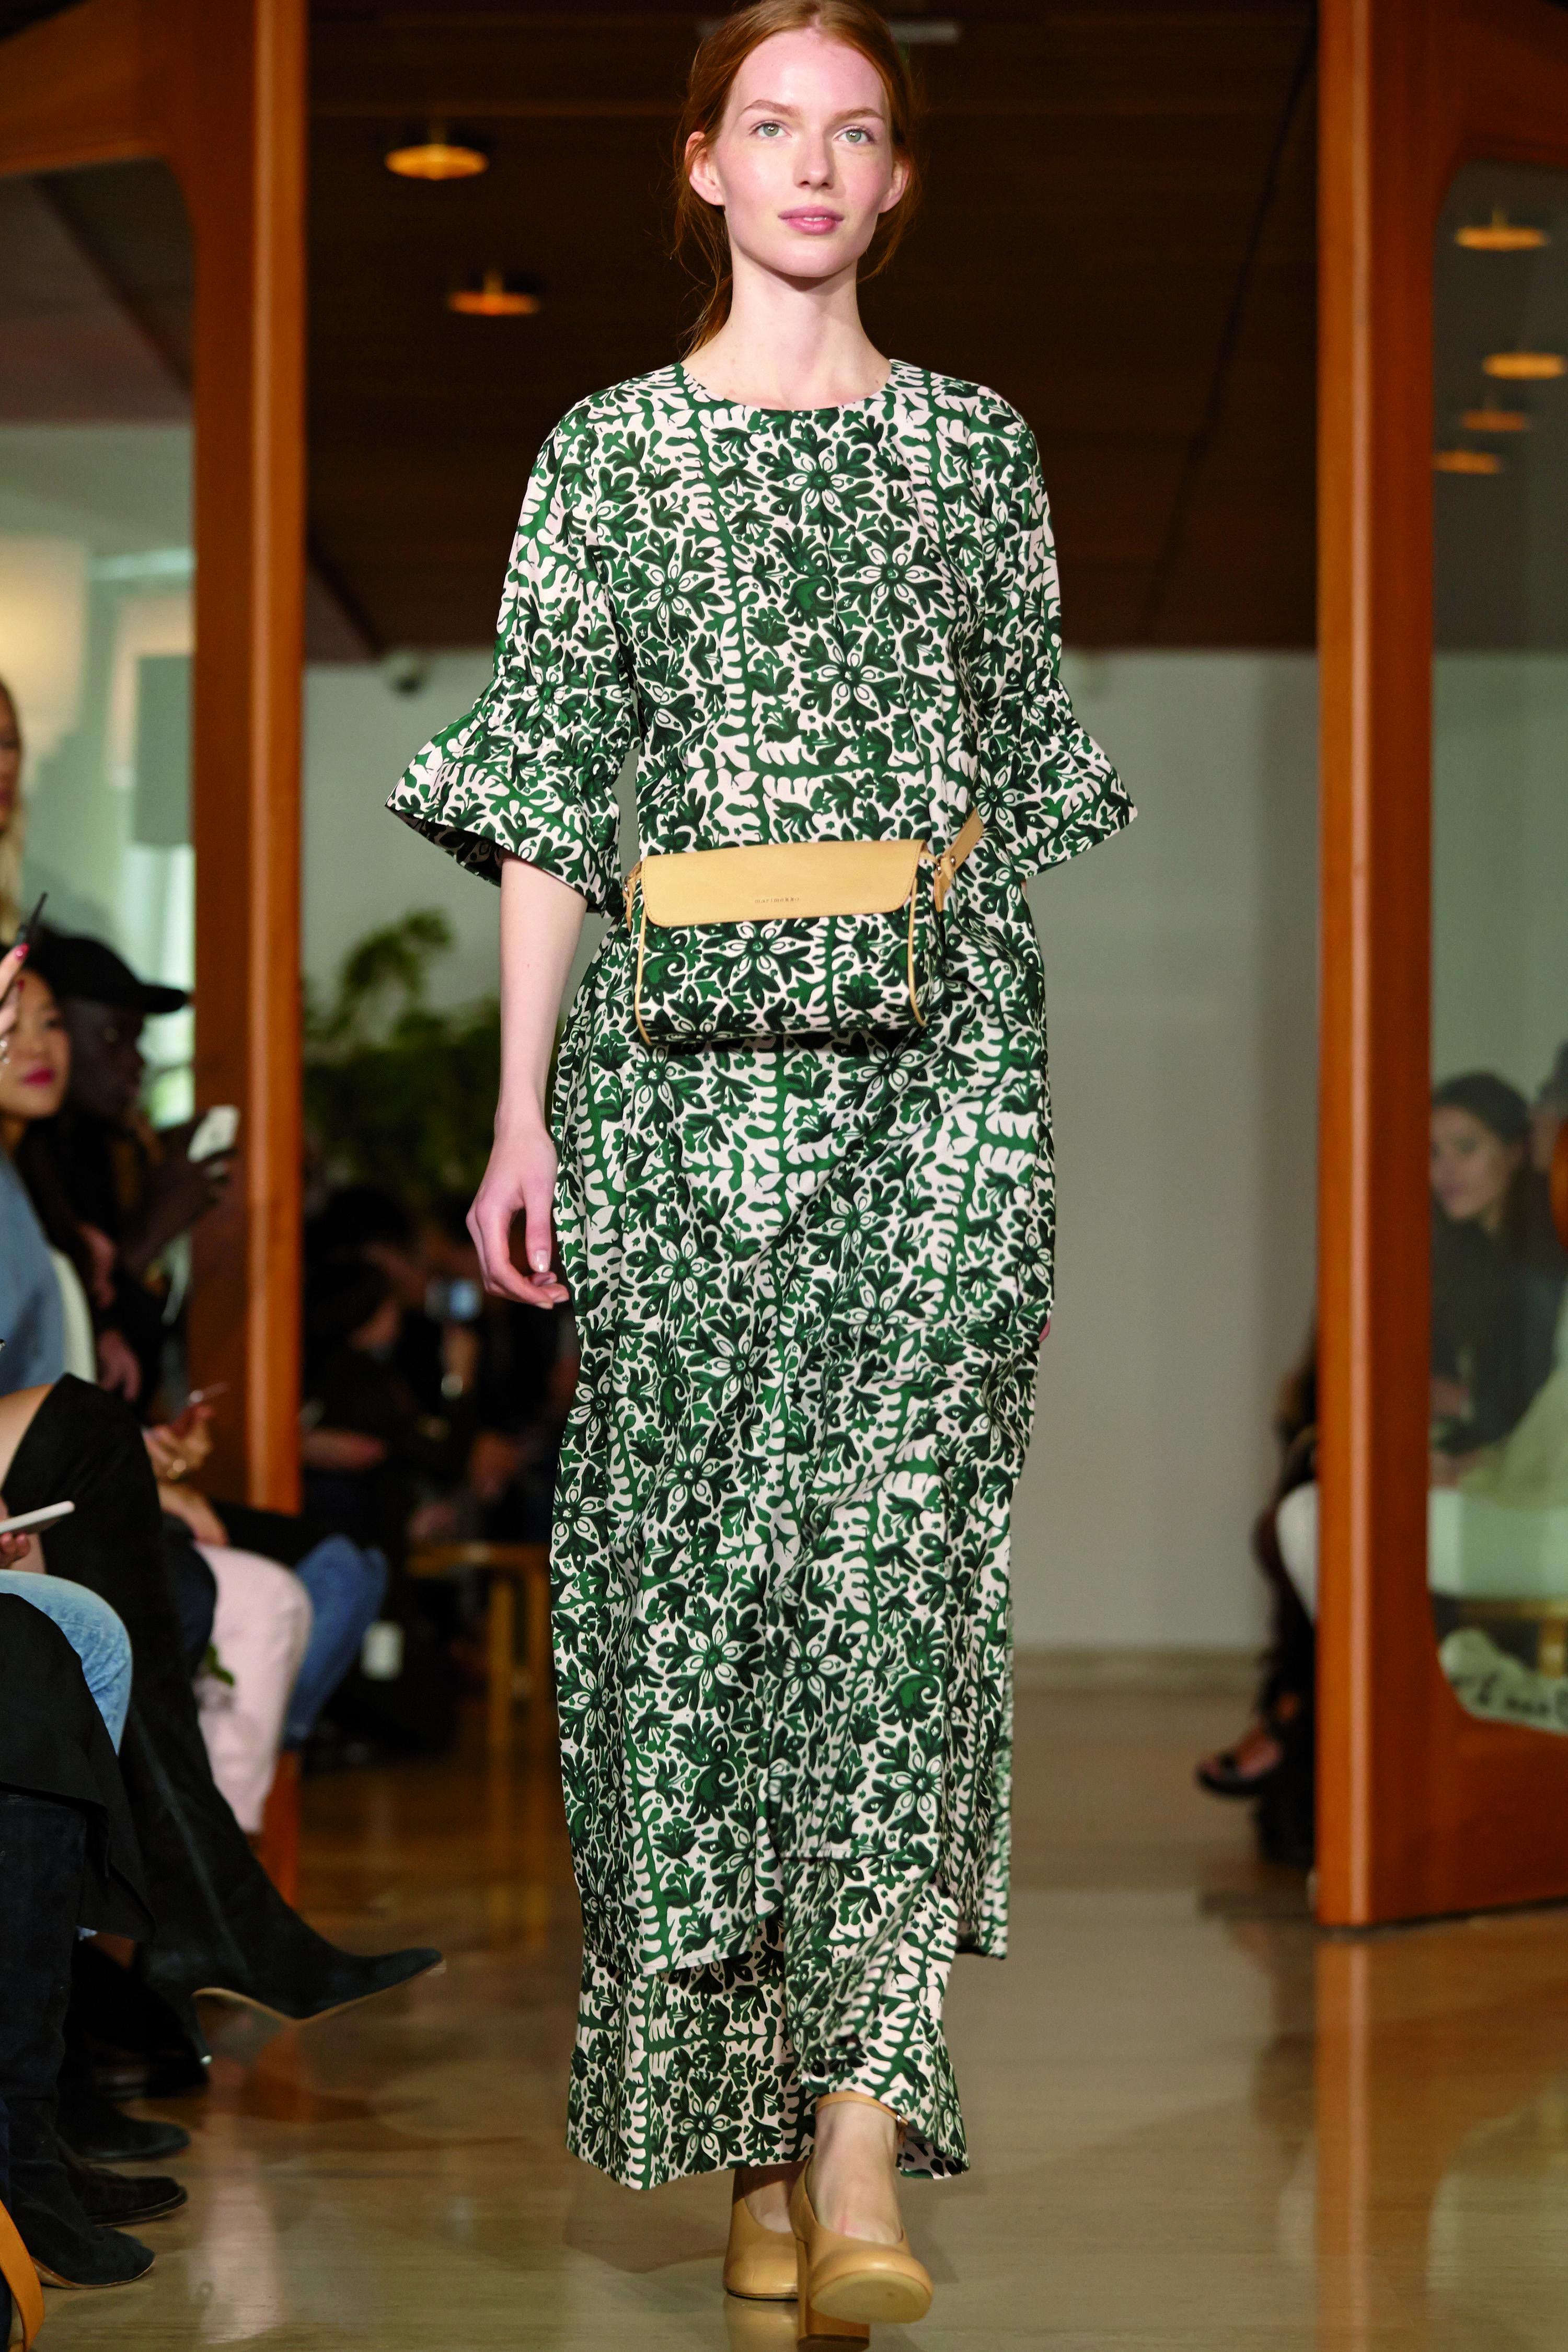 Marimekko Spring/Summer 2017 collection at Paris Fashion week